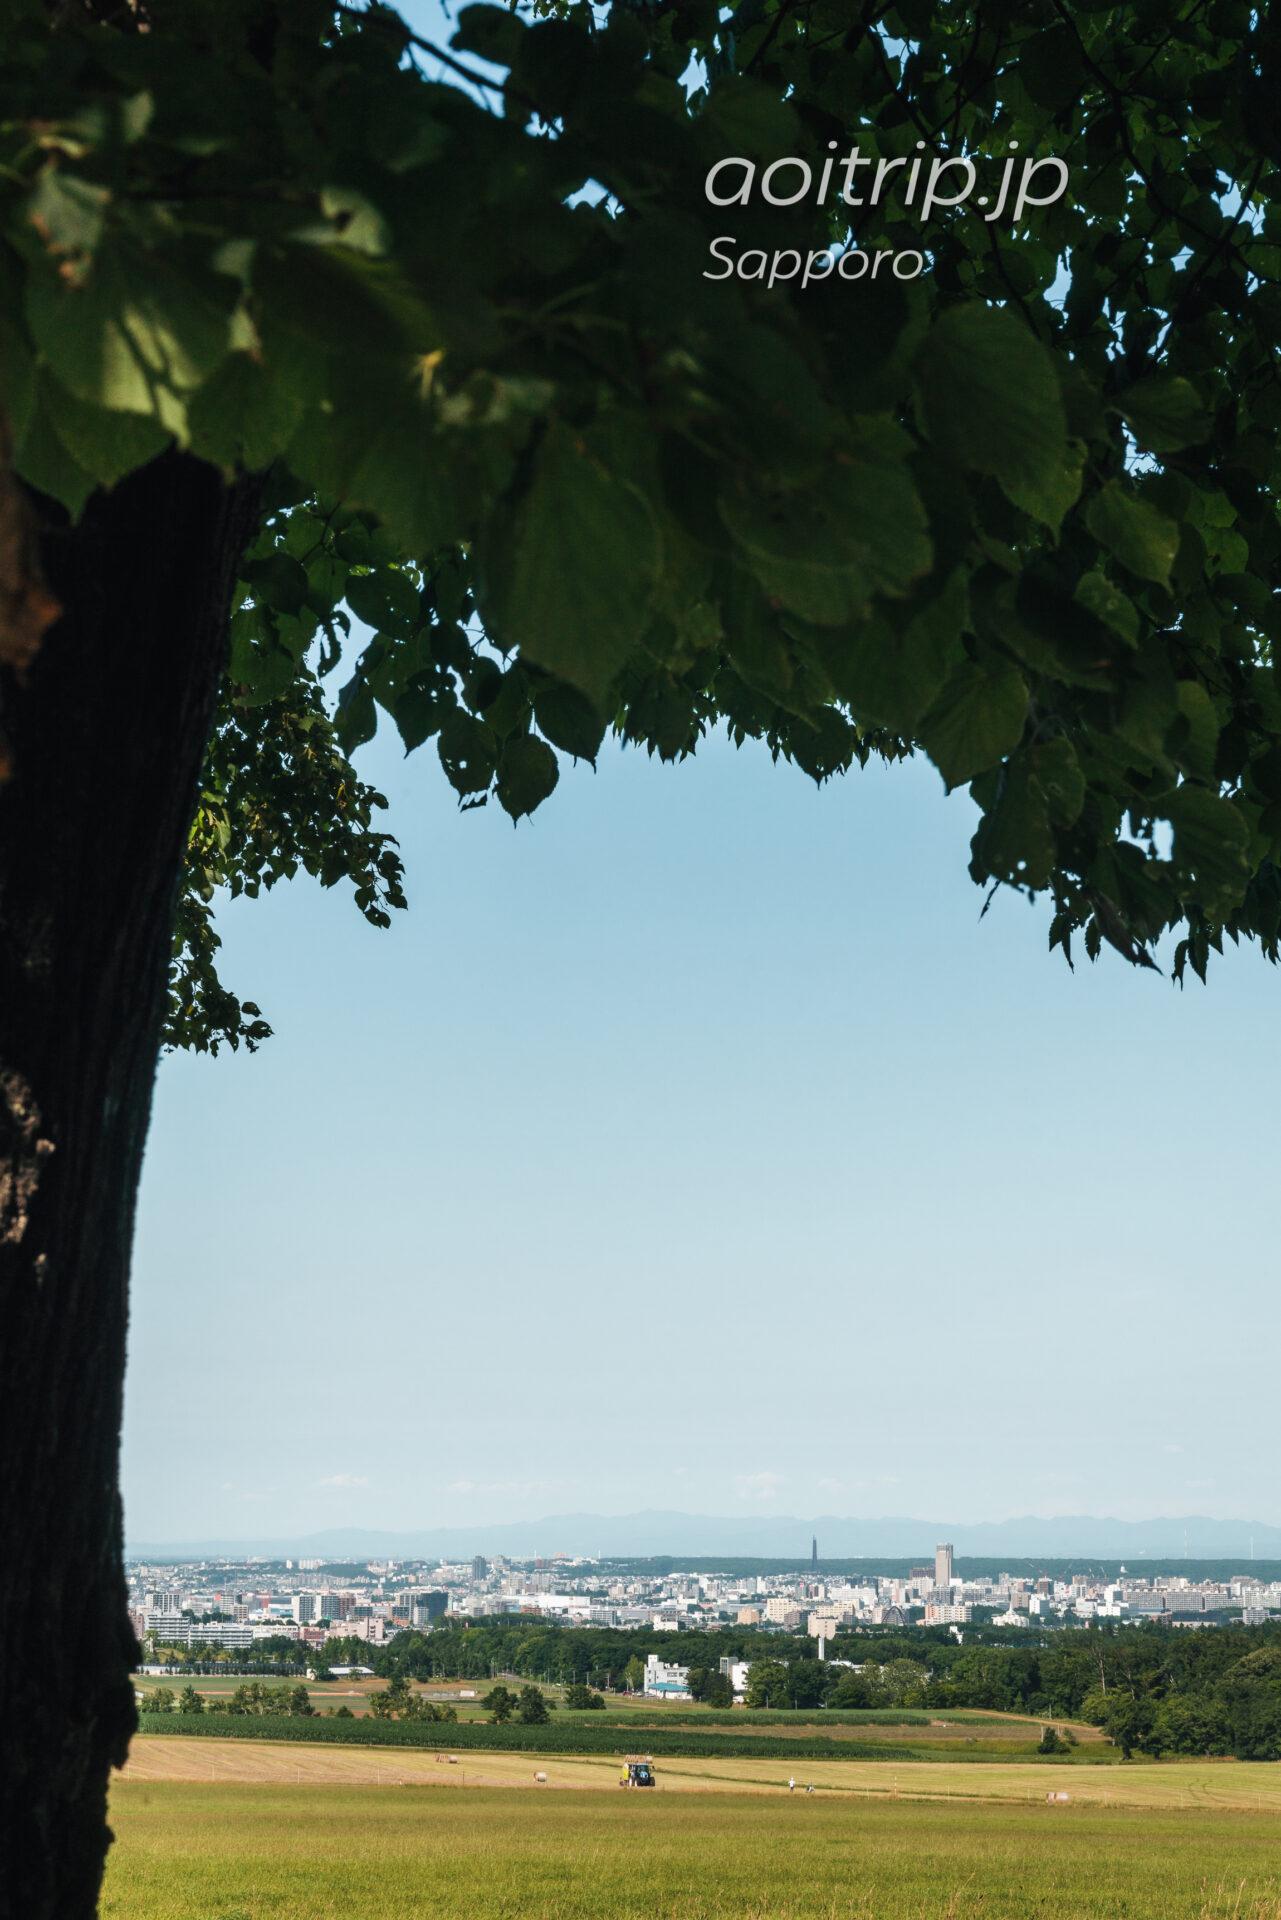 さっぽろ羊ヶ丘展望台から野幌森林公園、北海道百年記念塔を望む